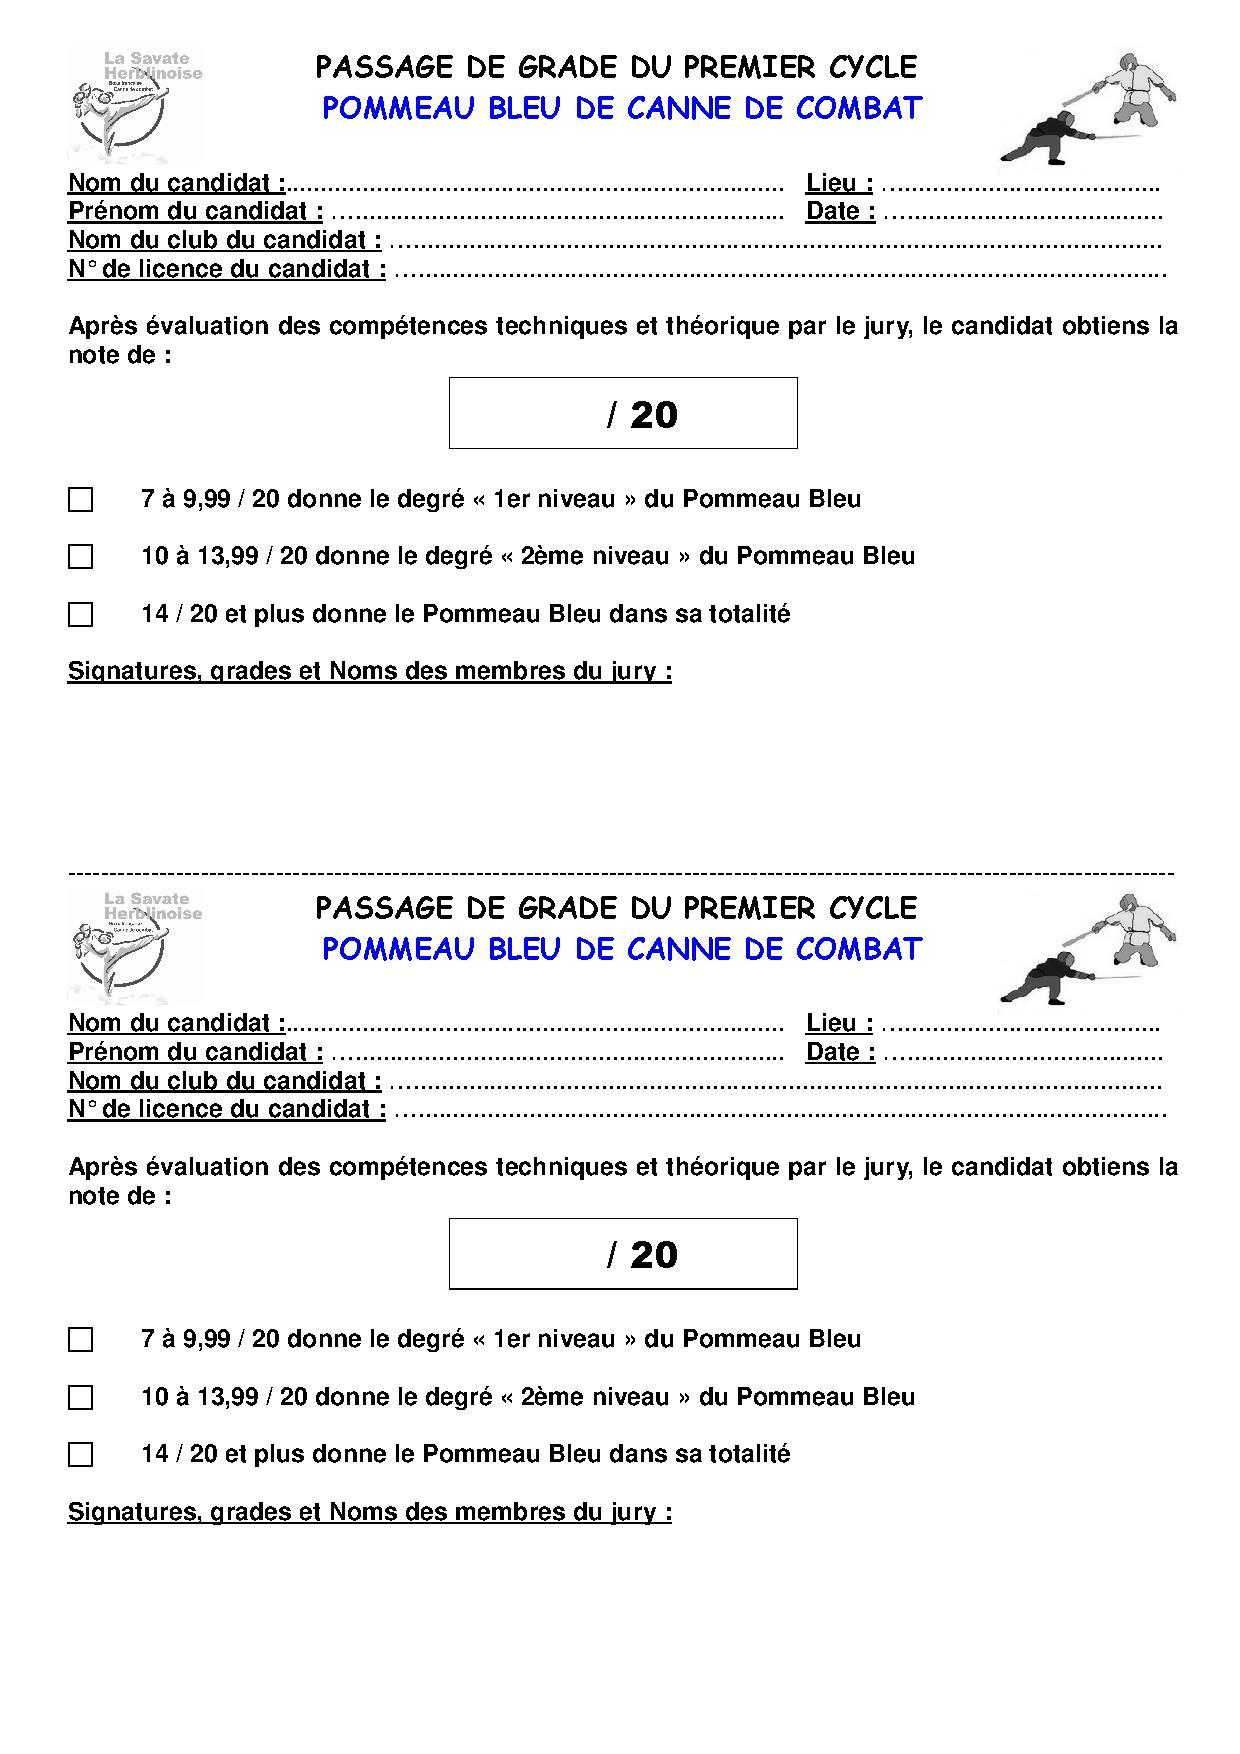 Documents de passage de Pommeaux dans Canne de Combat Pommeau-bleu1